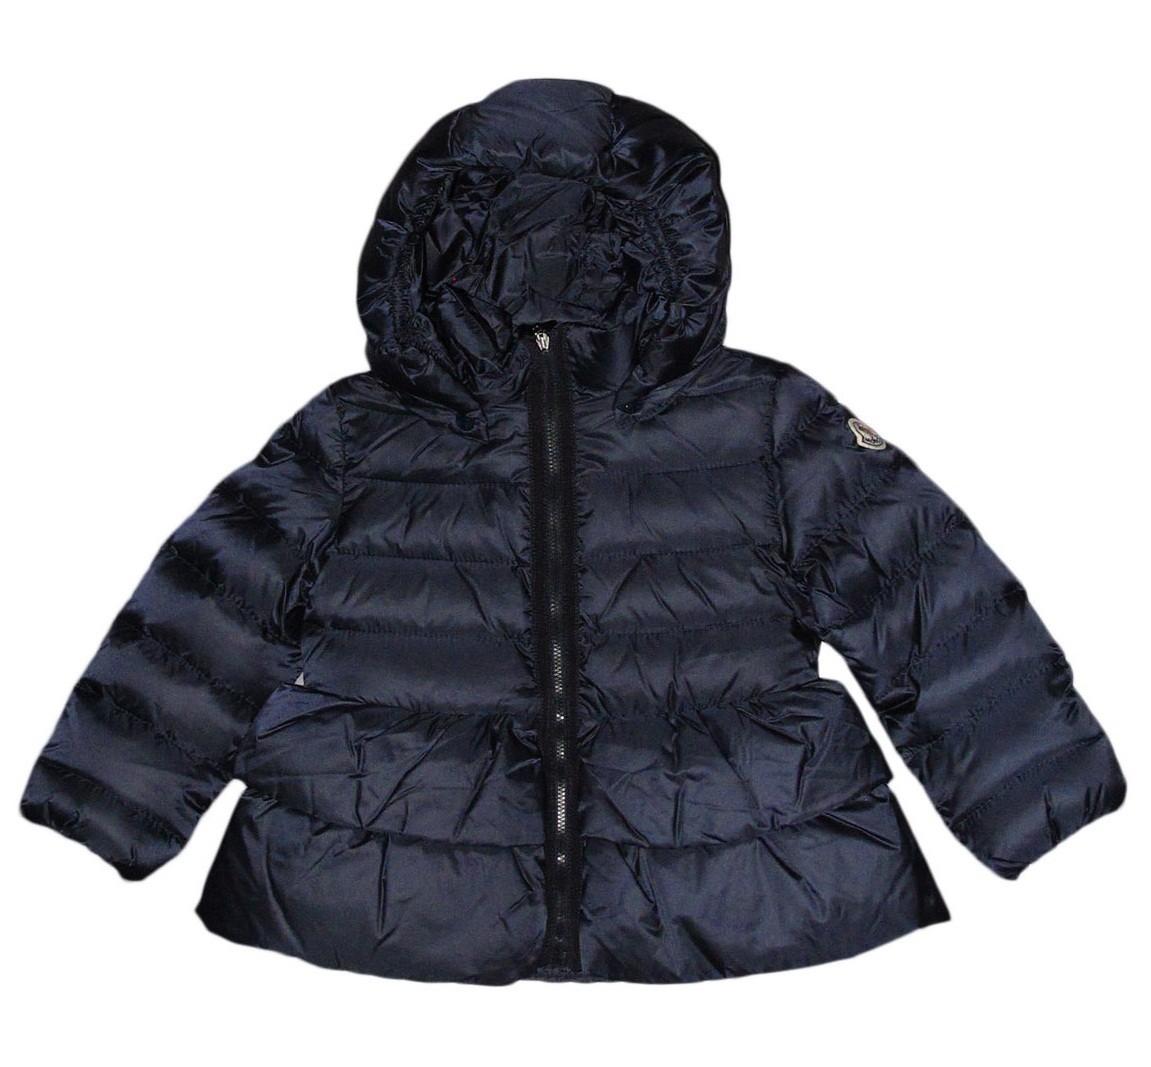 Moncler ENFANT EDWIGE пуховое пальто  для девочки 18 мес /3 лет Синий